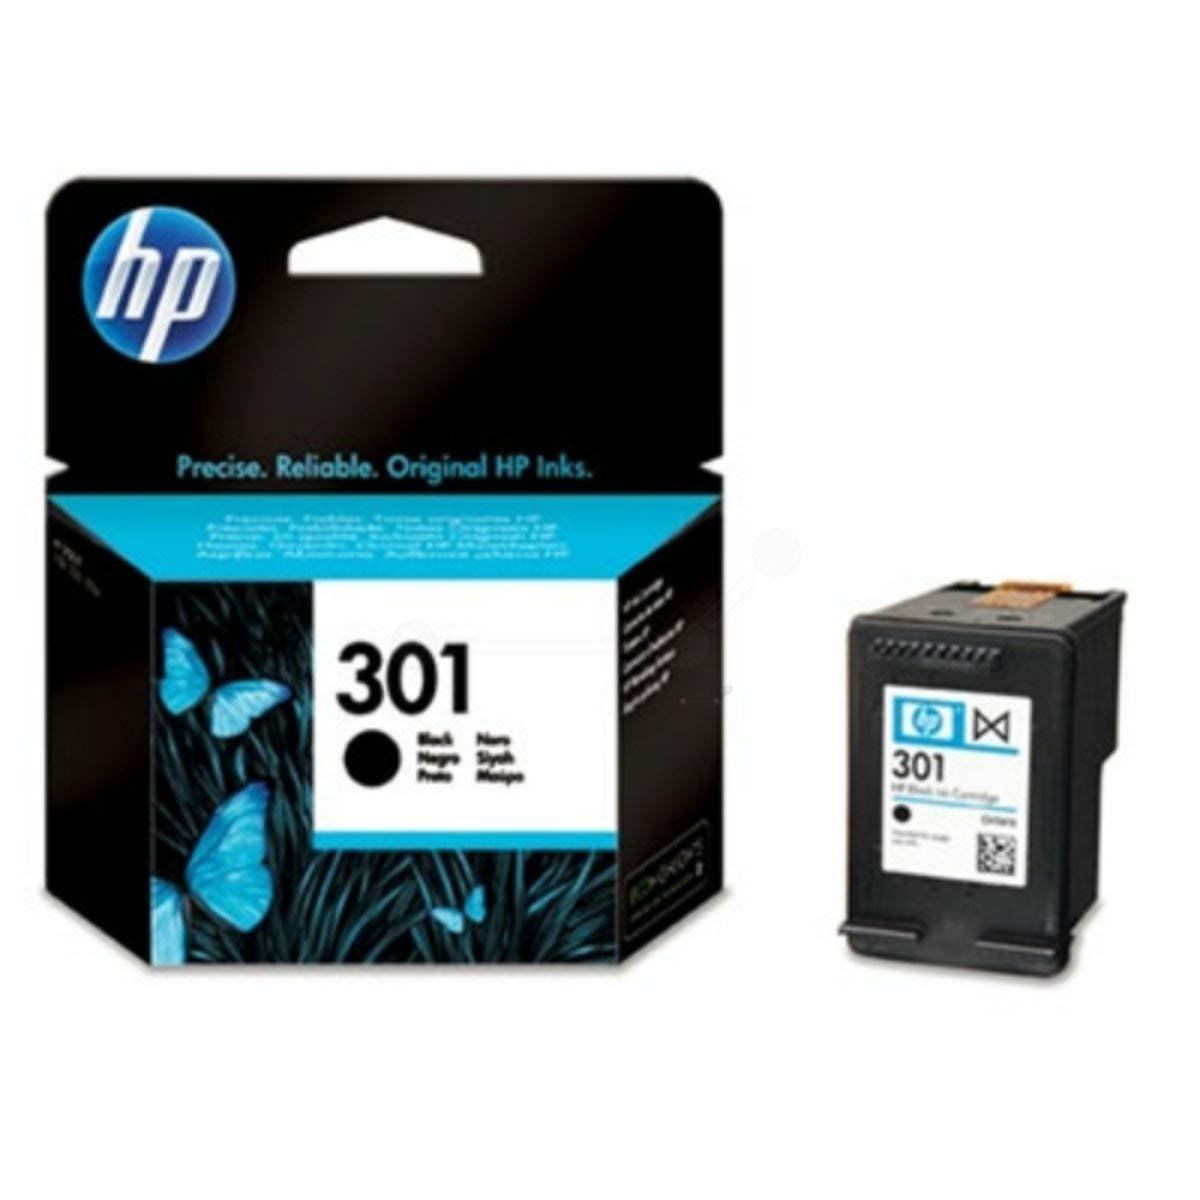 HP 301 Black Ink Cartridge - Cartucho de tinta para impresoras (Negro, 20-80%, -40-60 °C, Negro, 15-32 °C, 20-80%): Amazon.es: Oficina y papelería